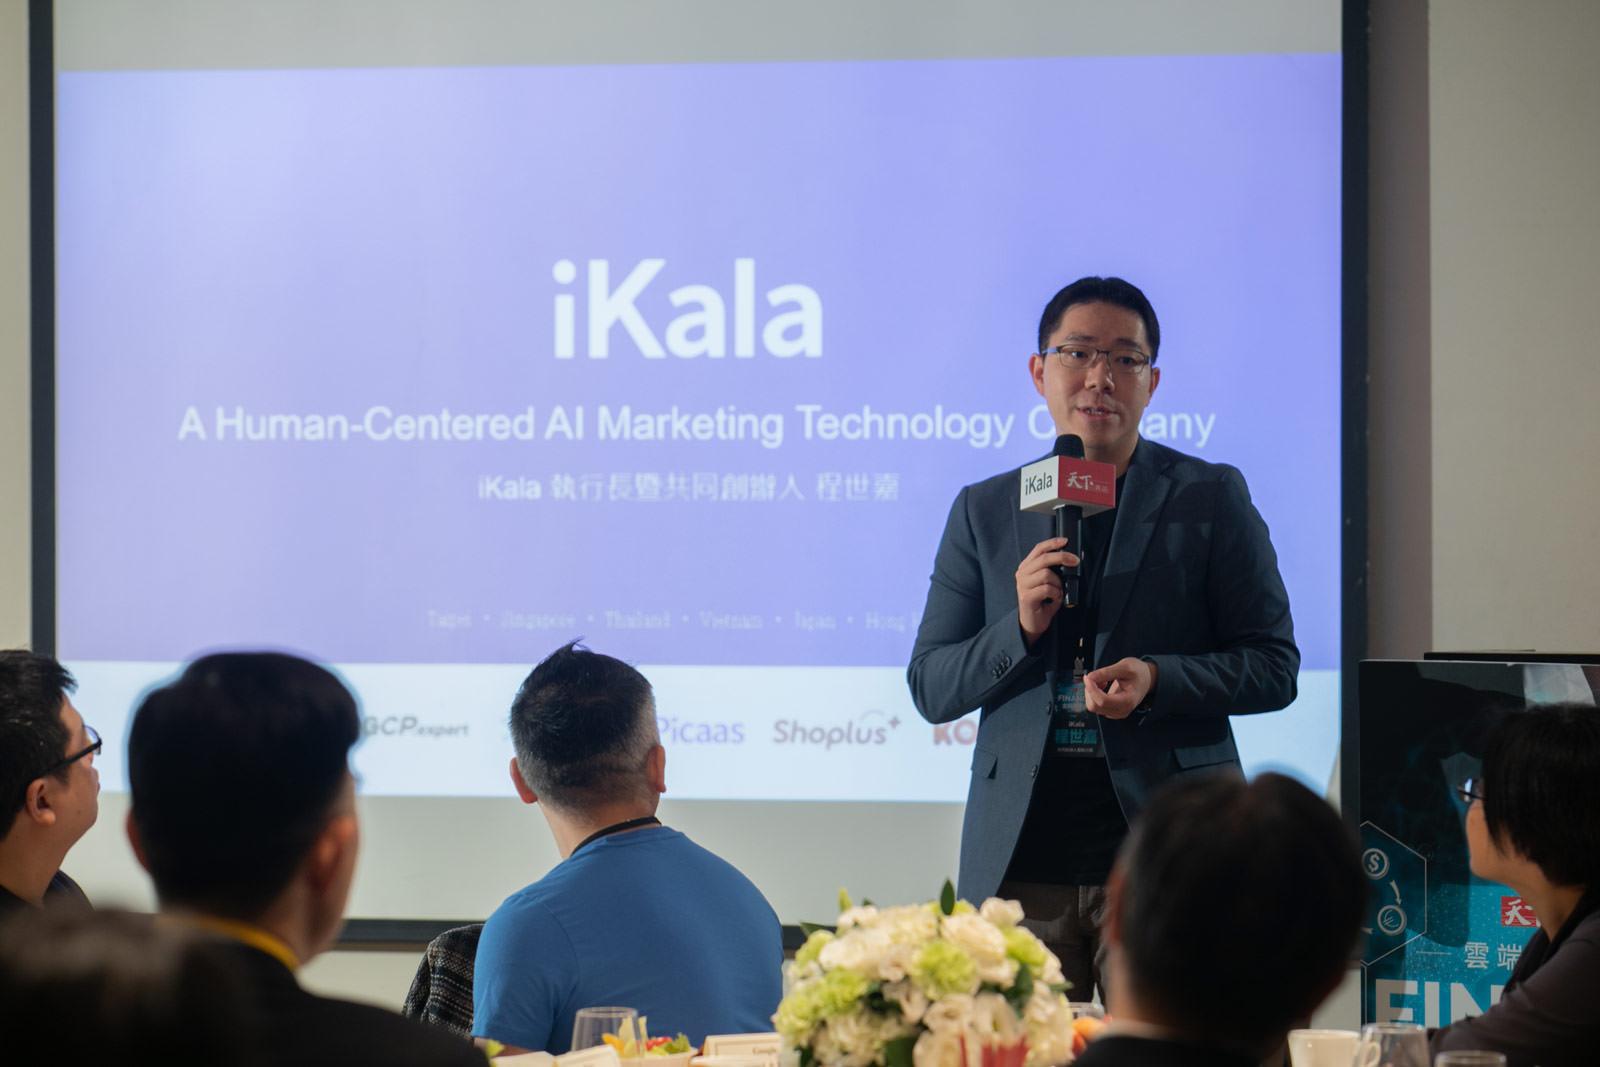 iKala執行長程世嘉說,「網路時代的確帶來改變,但不是顛覆,而是創造!」